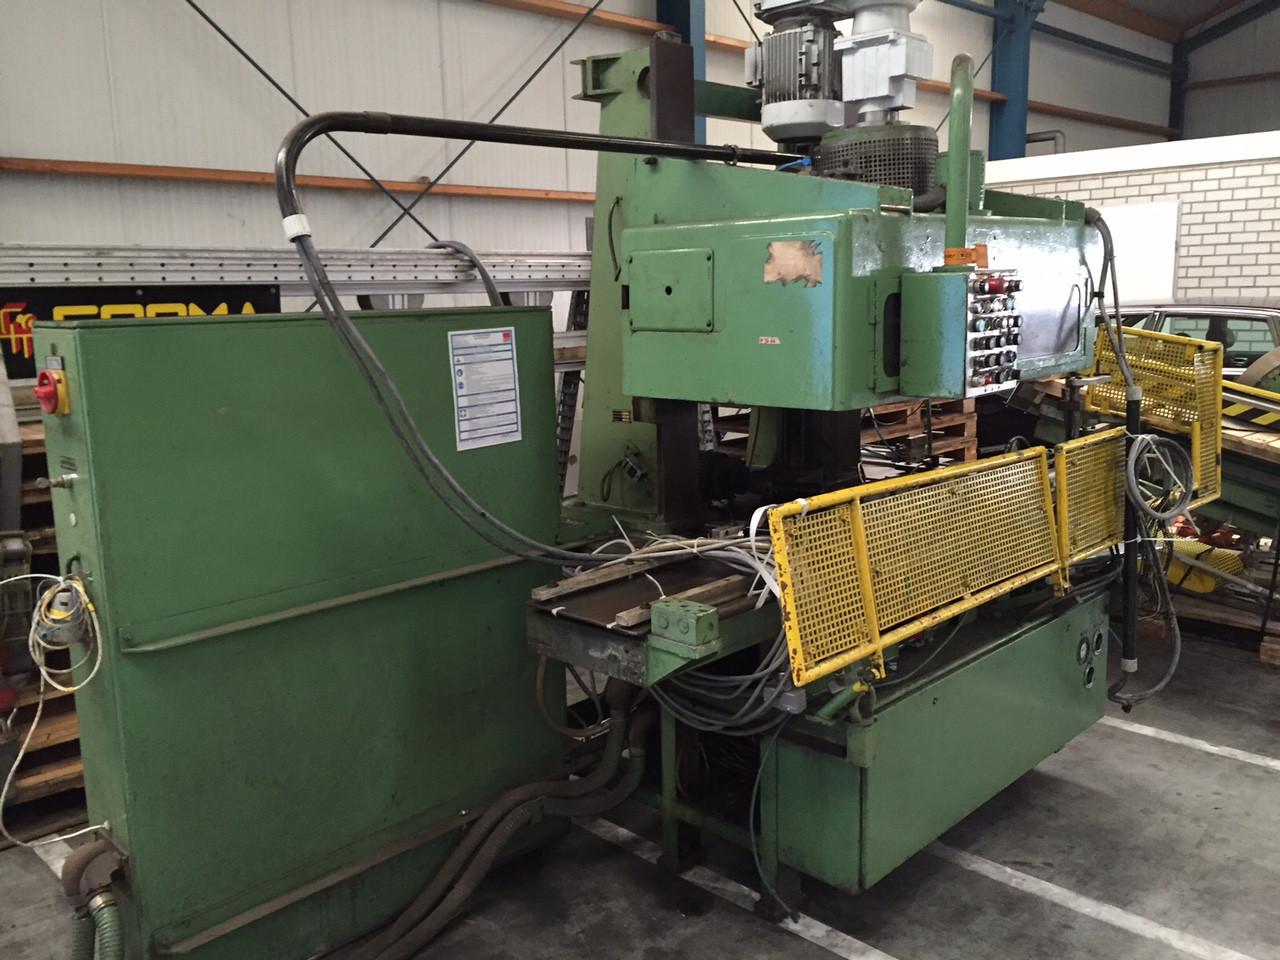 Lanico VMU 2-275 seamer